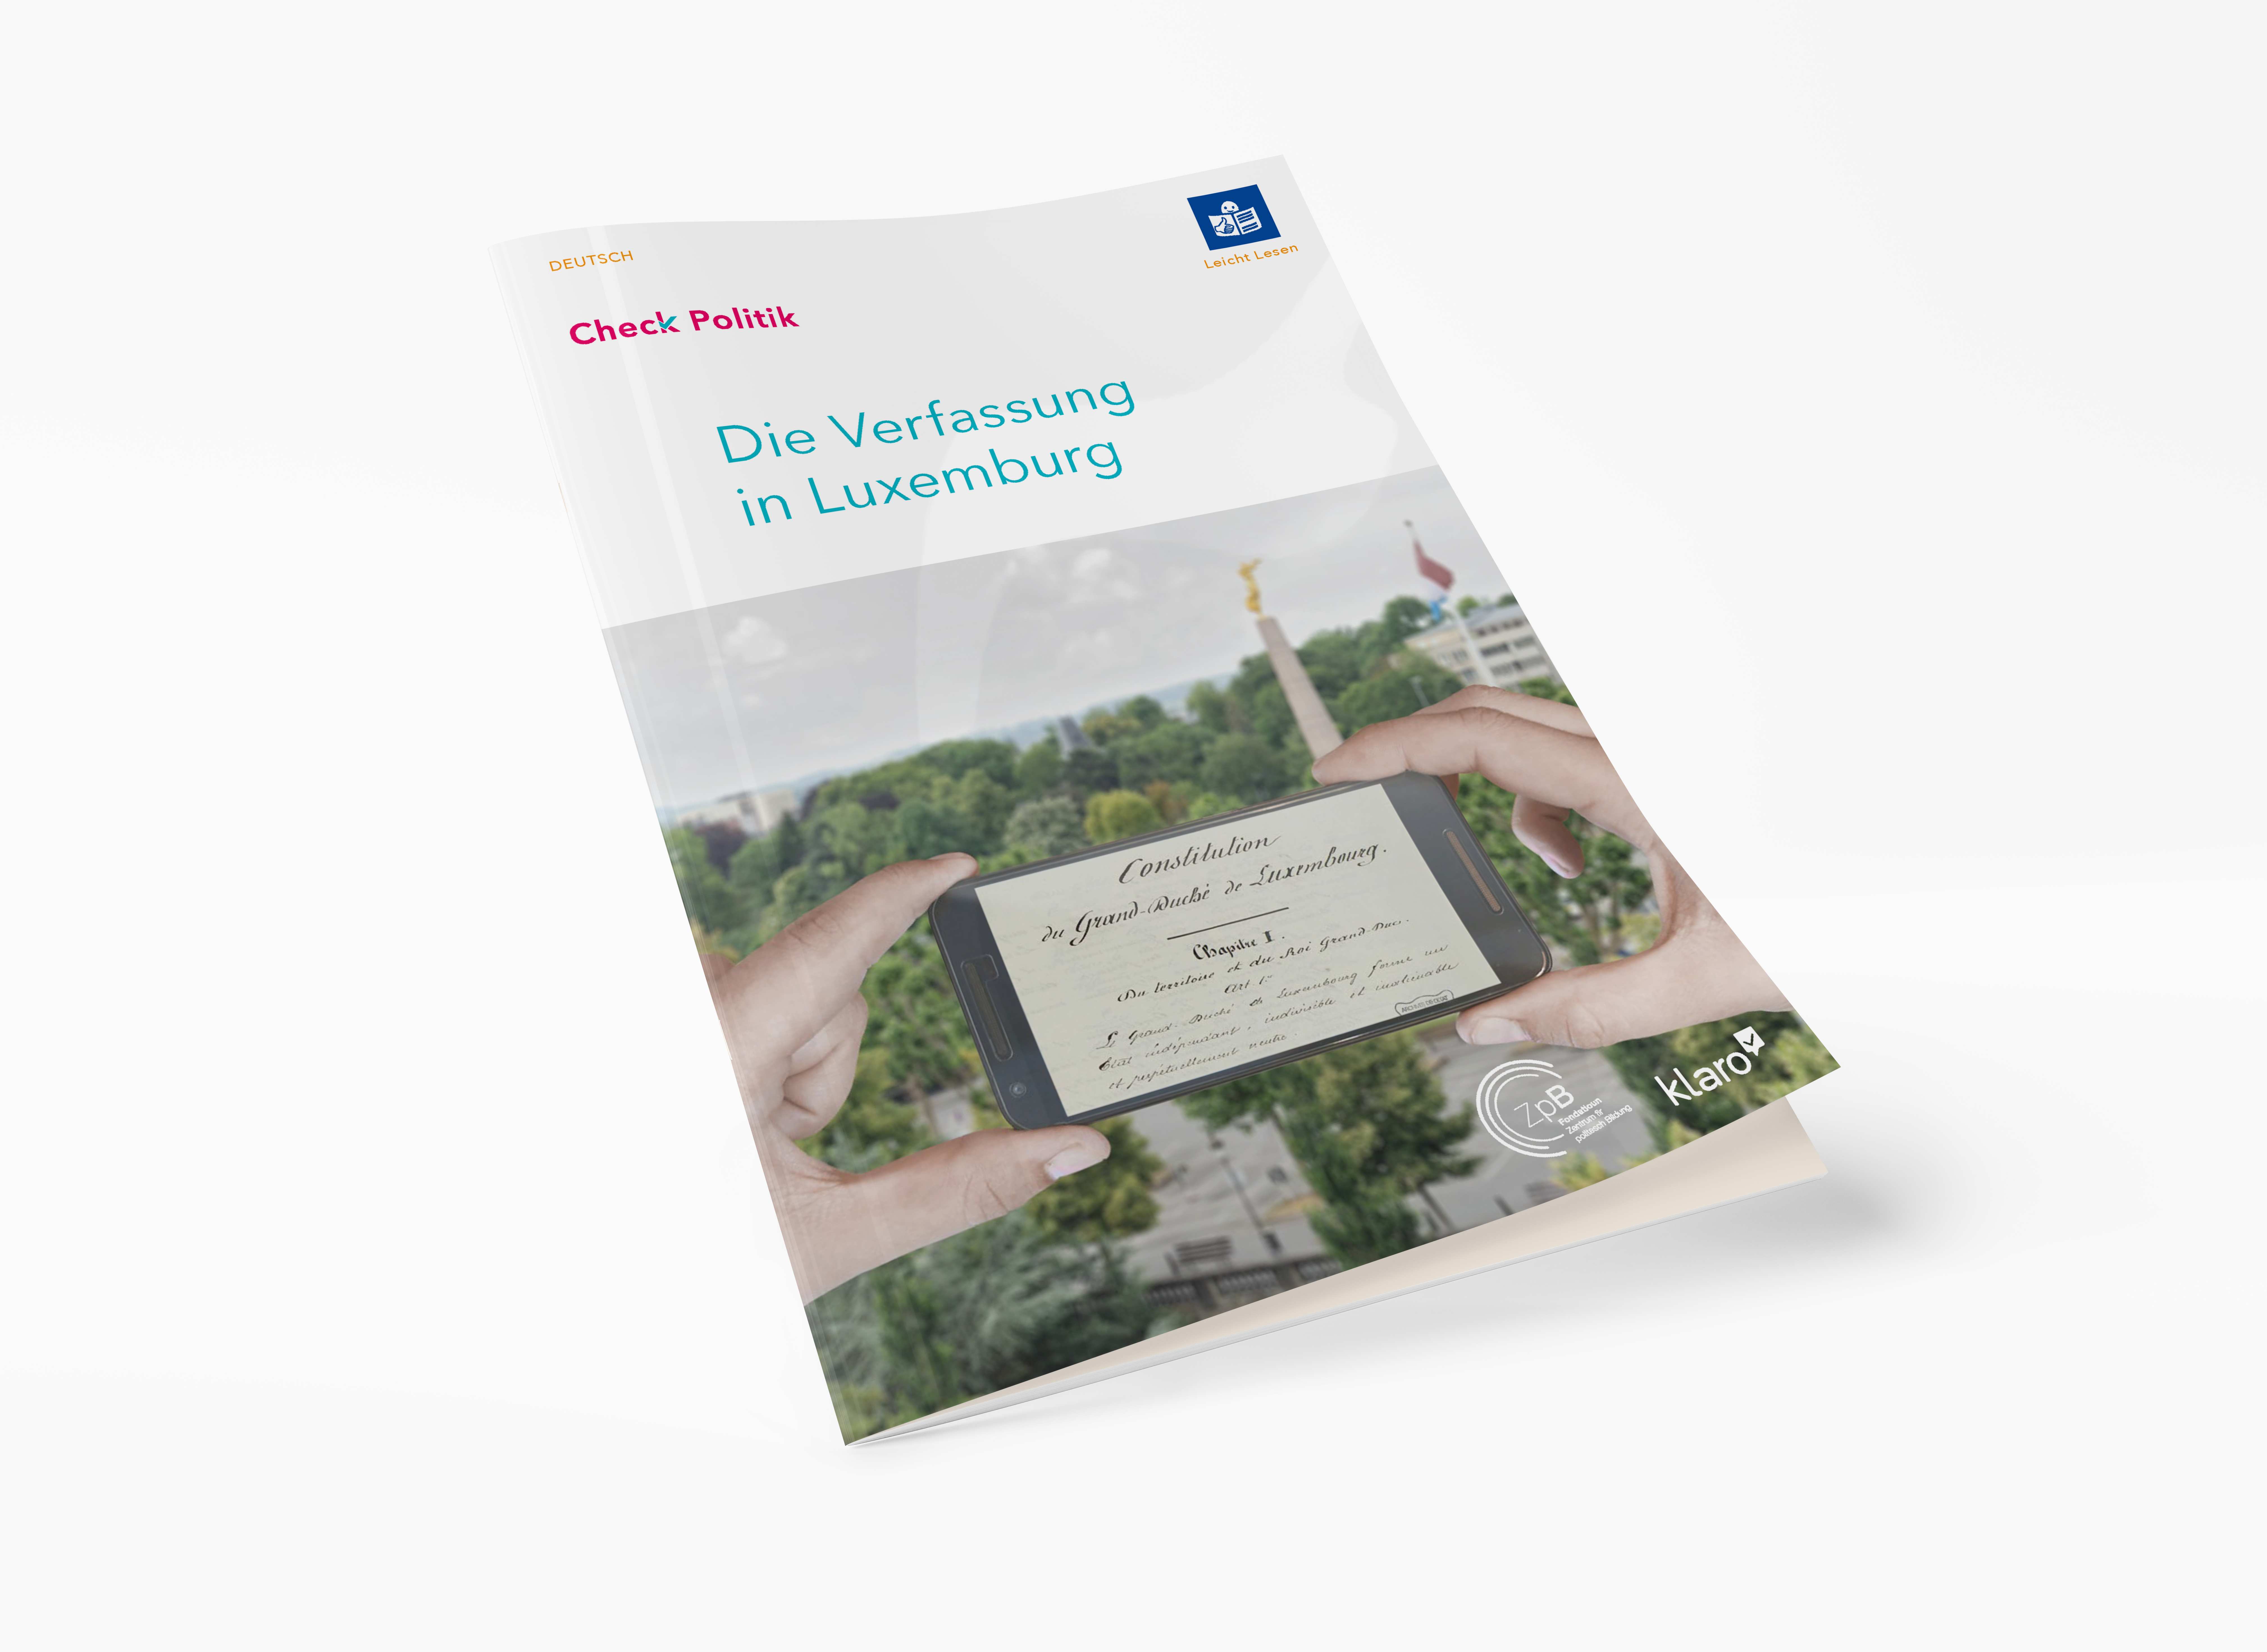 Die Verfassung in Luxemburg